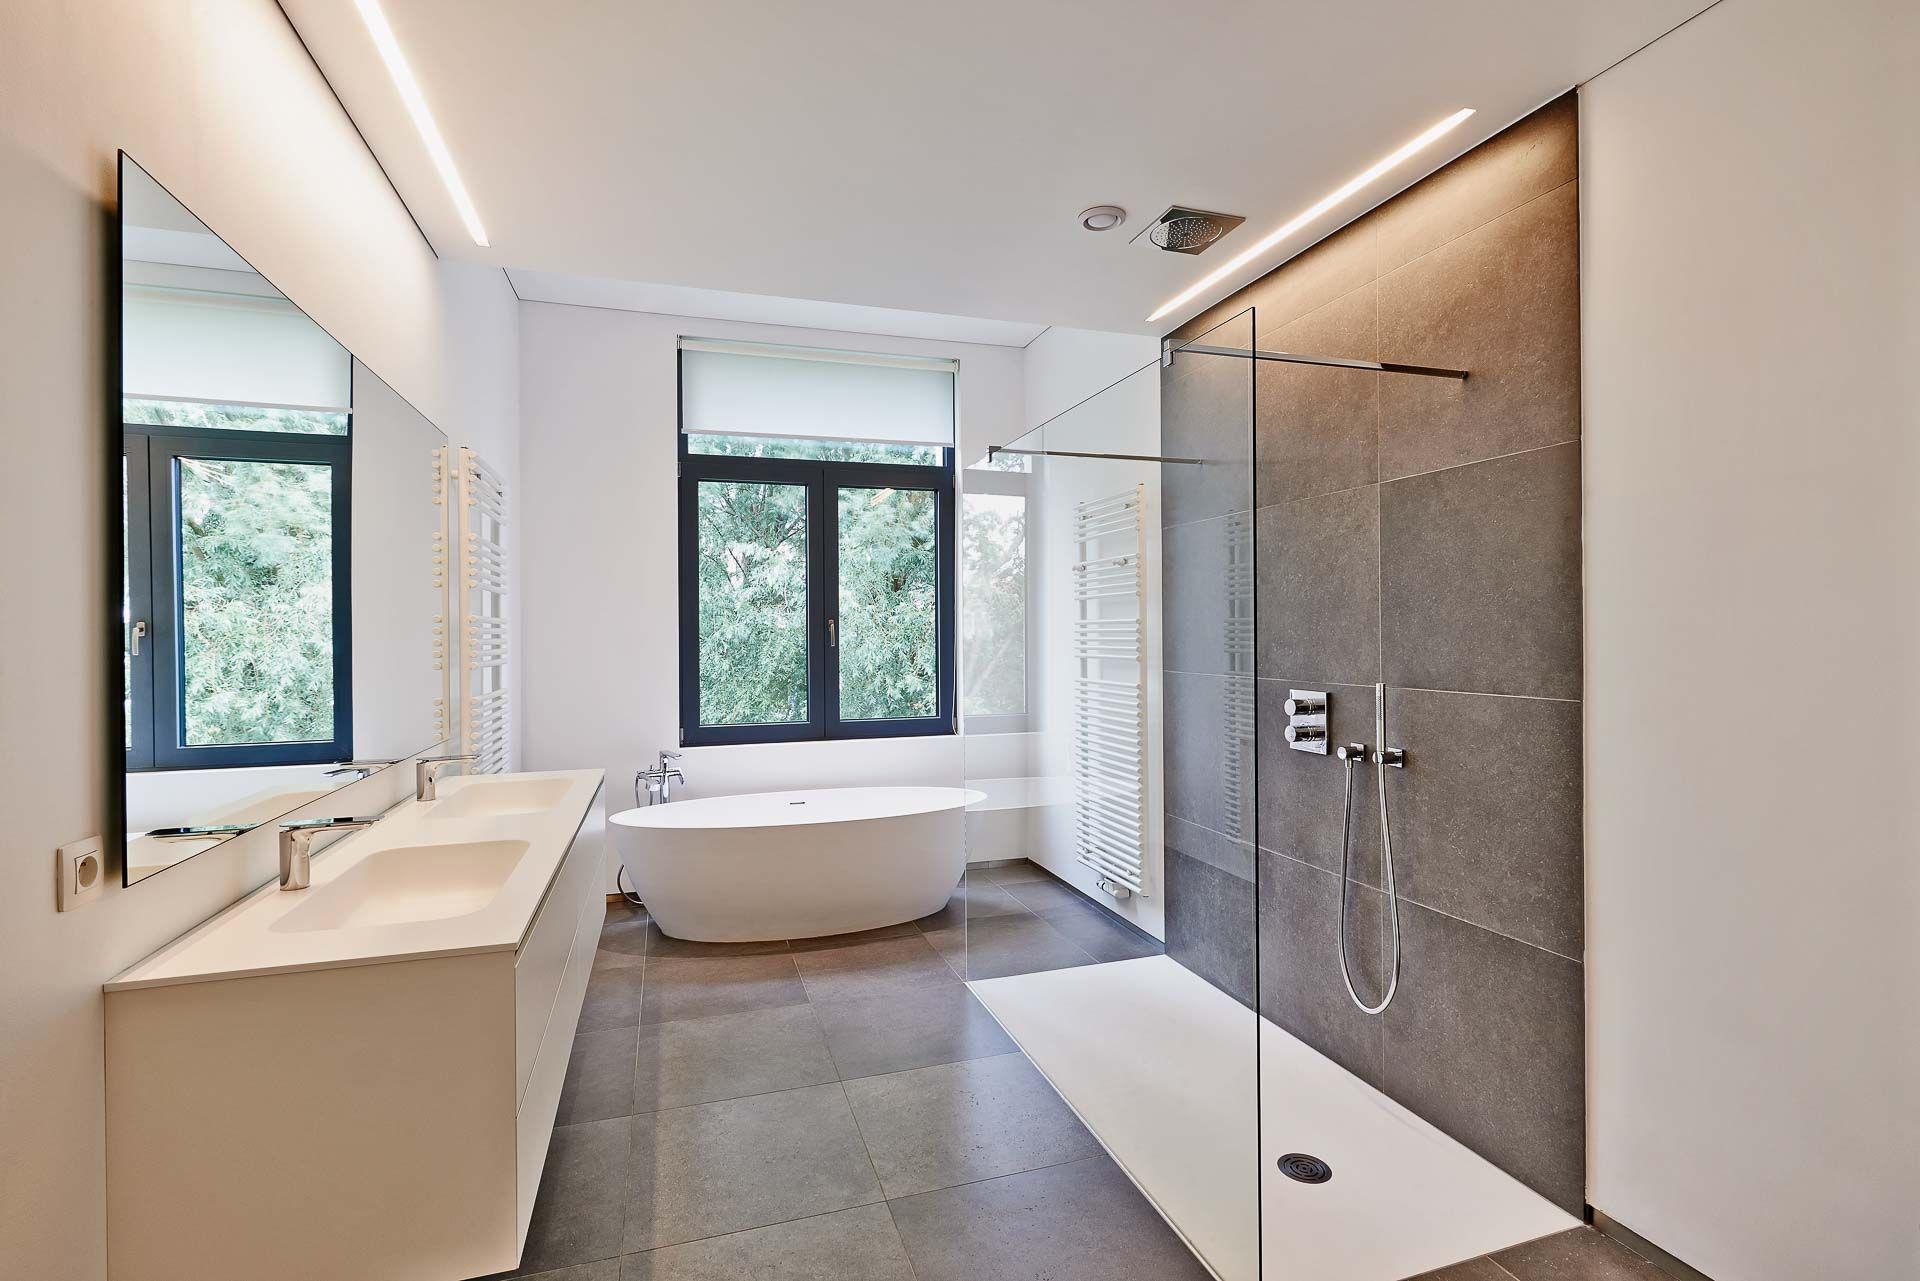 Kosten Badkamer Opknappen : Afbeeldingsresultaat voor badkamer opknappen low budget tegel